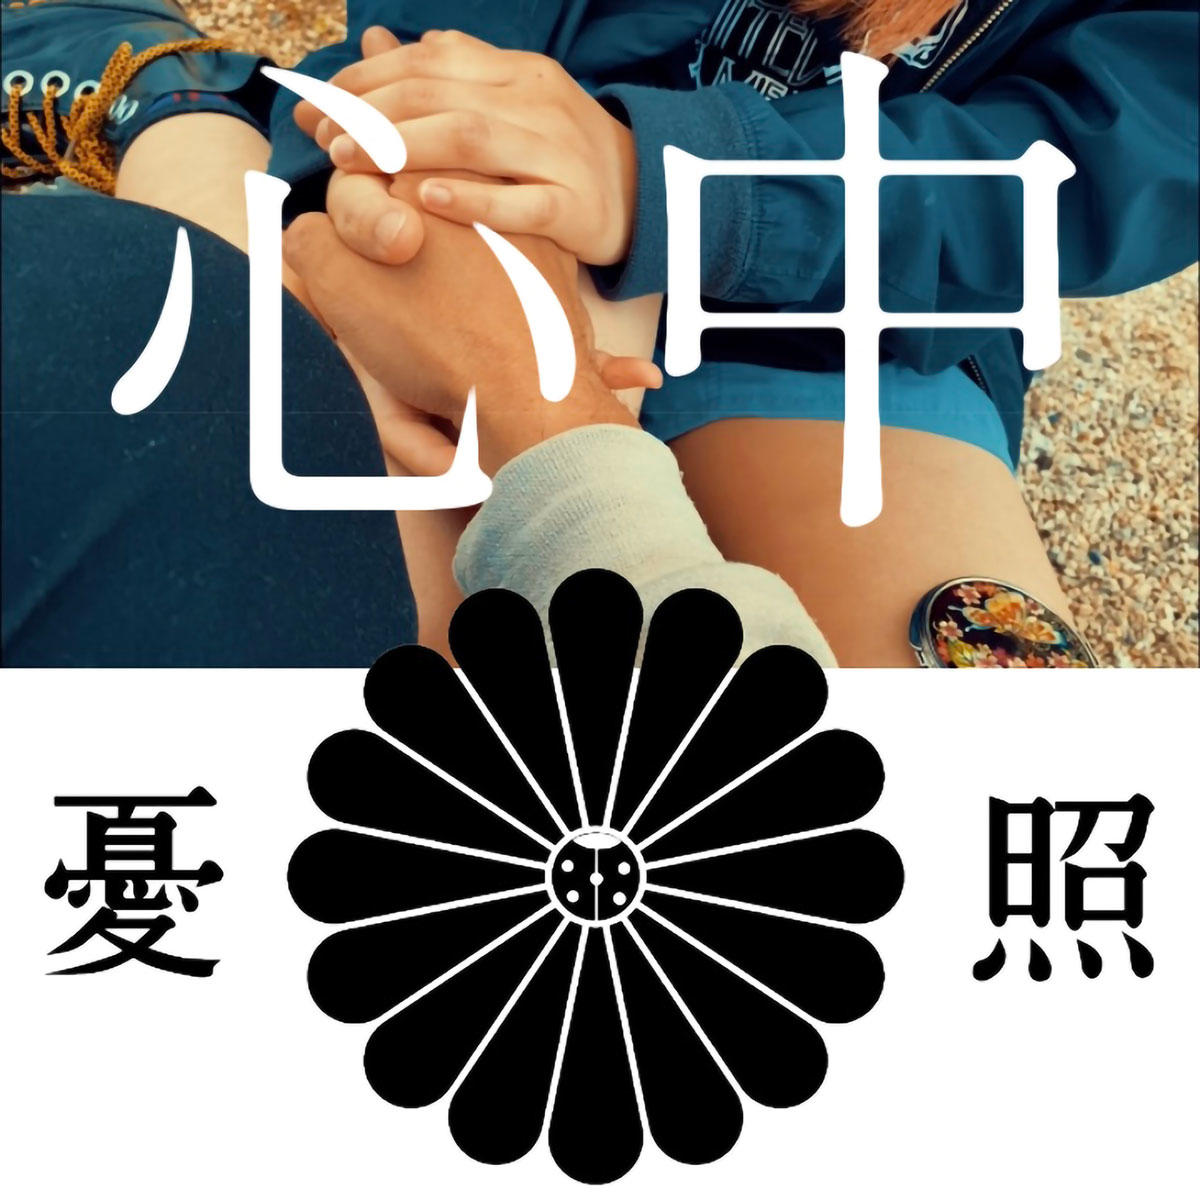 yuuterasu_jk_1200_20210909.jpg